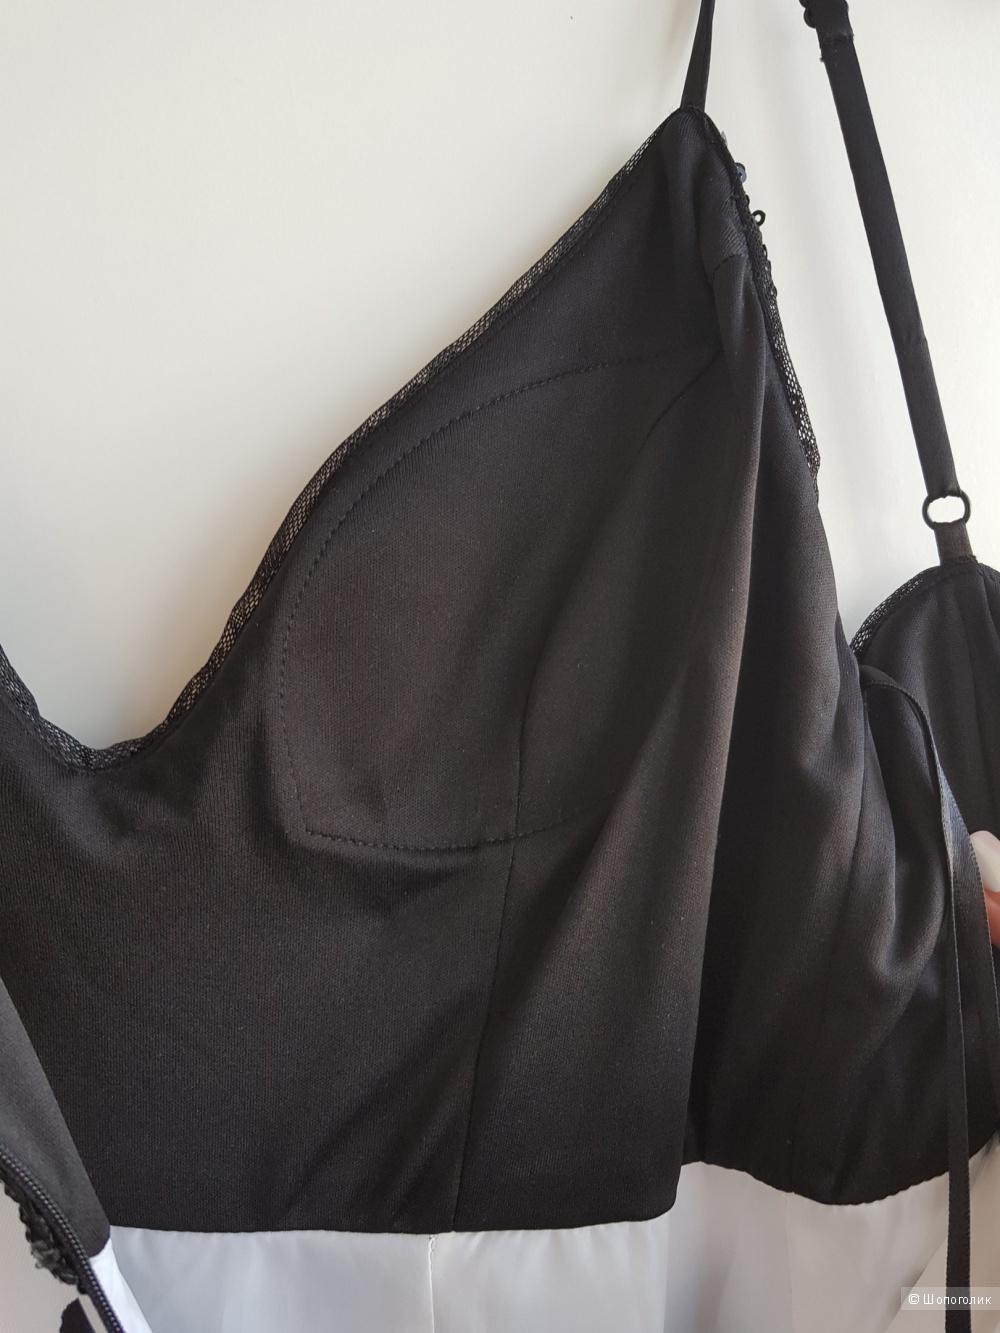 Вечернее платье  Jump. Размер 1/2 (XS)